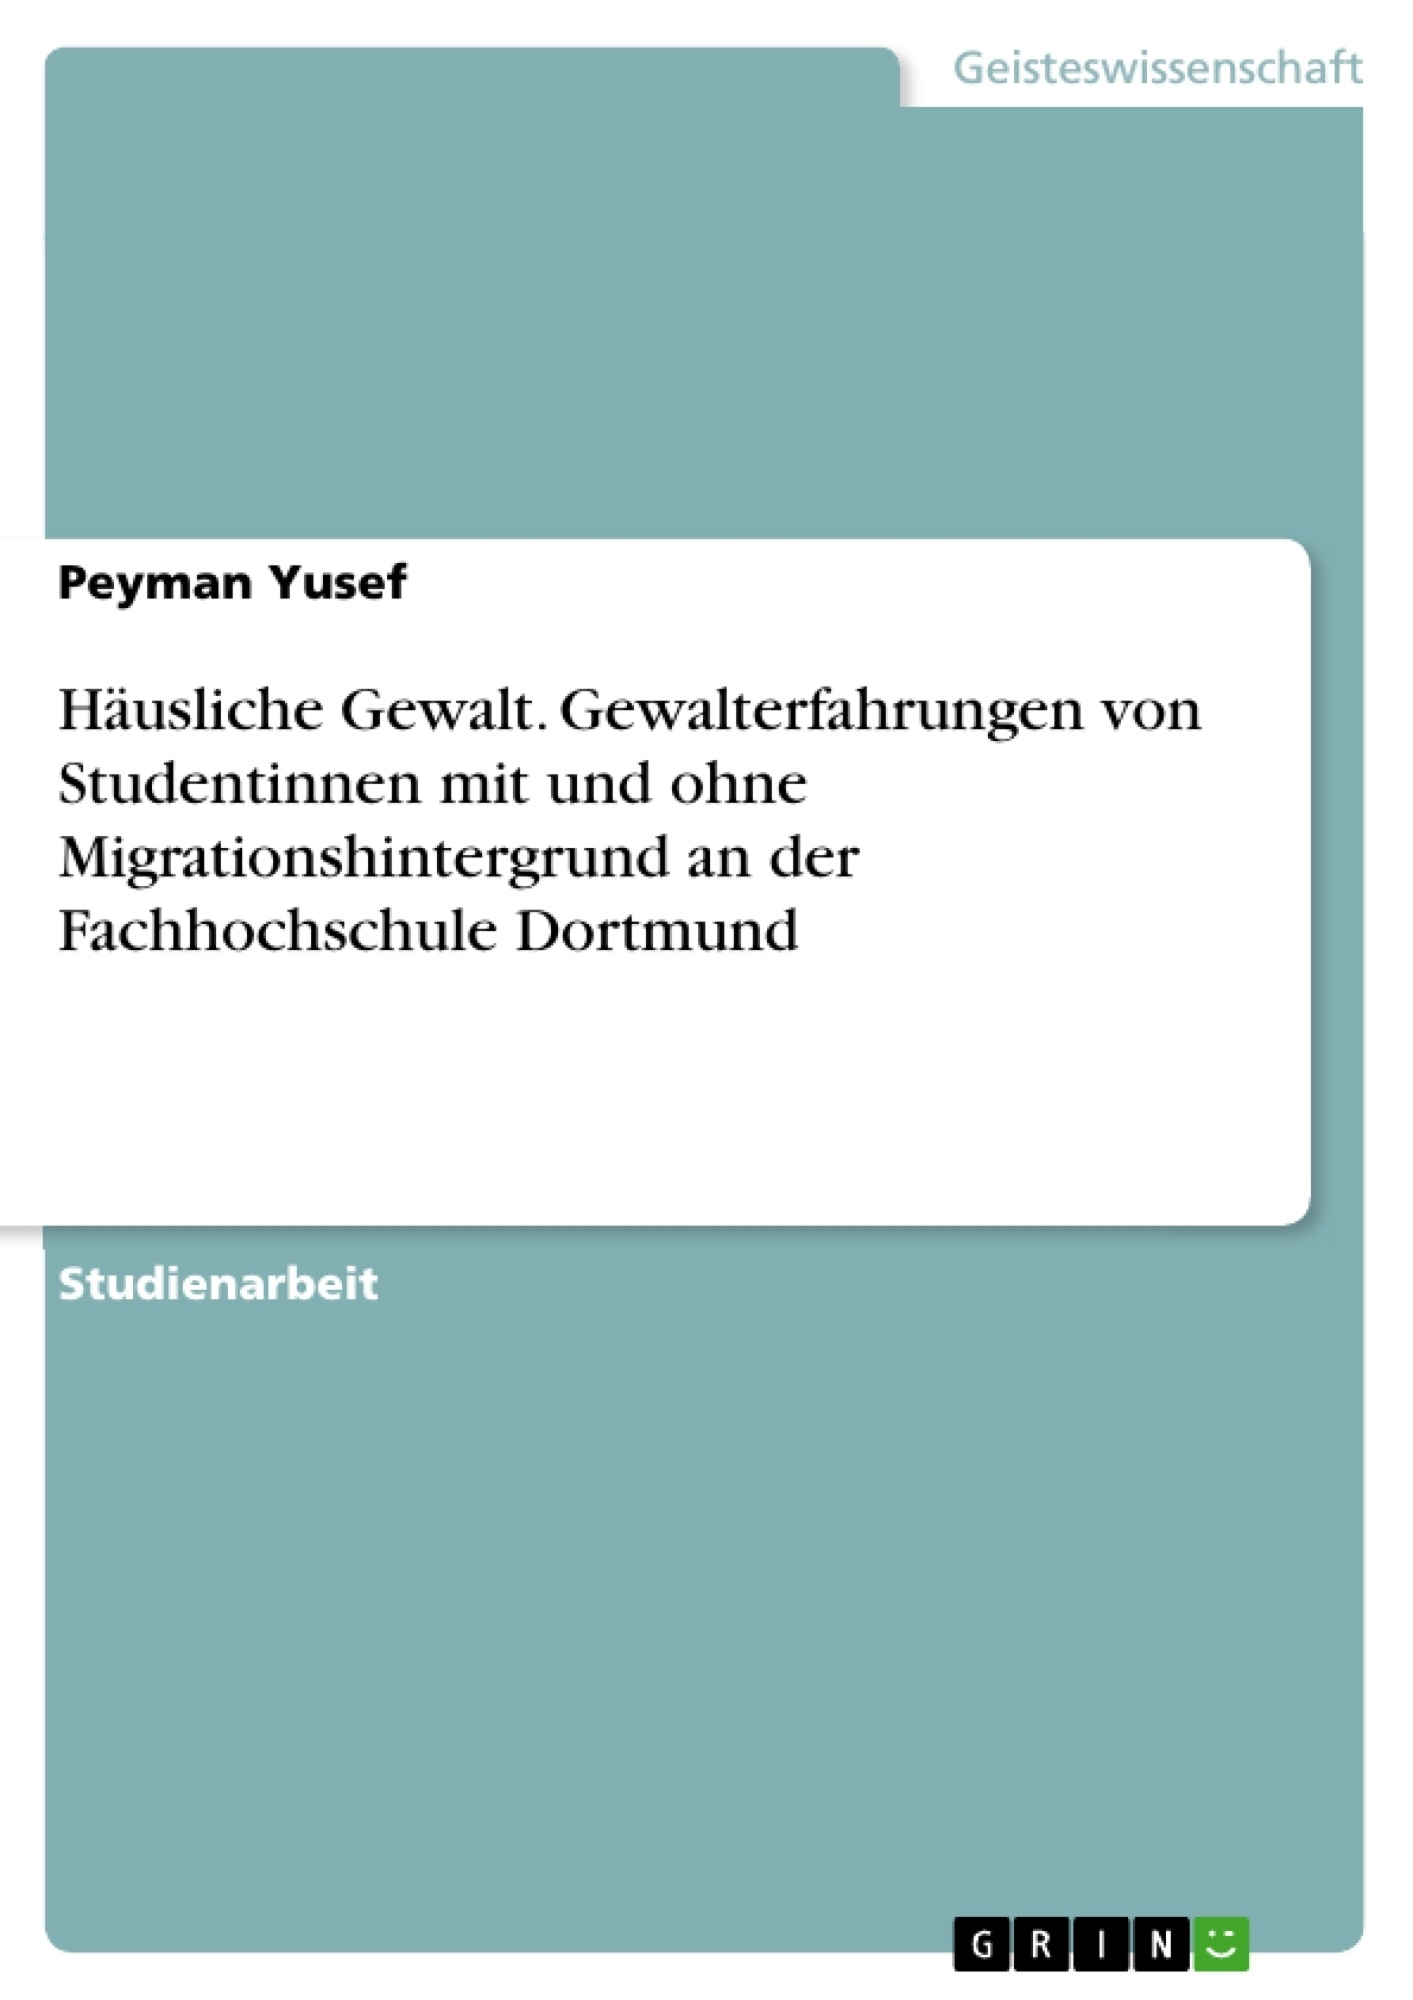 Titel: Häusliche Gewalt. Gewalterfahrungen von Studentinnen mit und ohne Migrationshintergrund an der Fachhochschule Dortmund